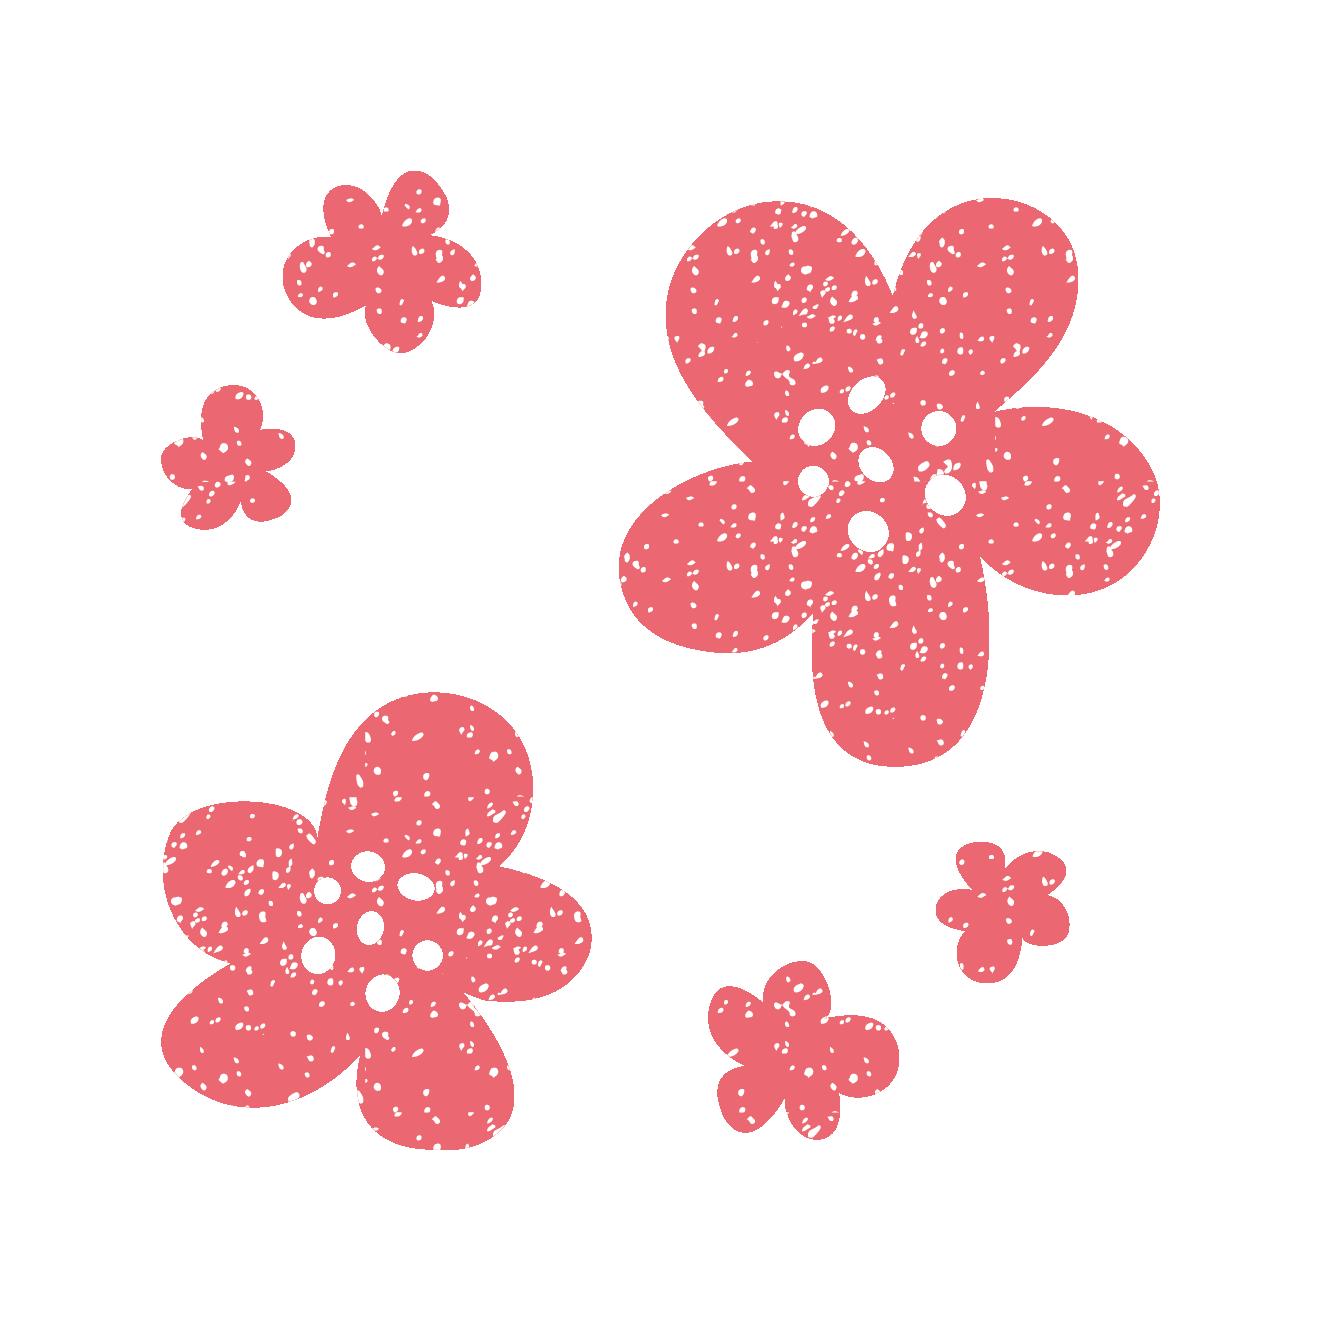 かわいいお花のスタンプ イラスト | 商用フリー(無料)のイラスト素材なら